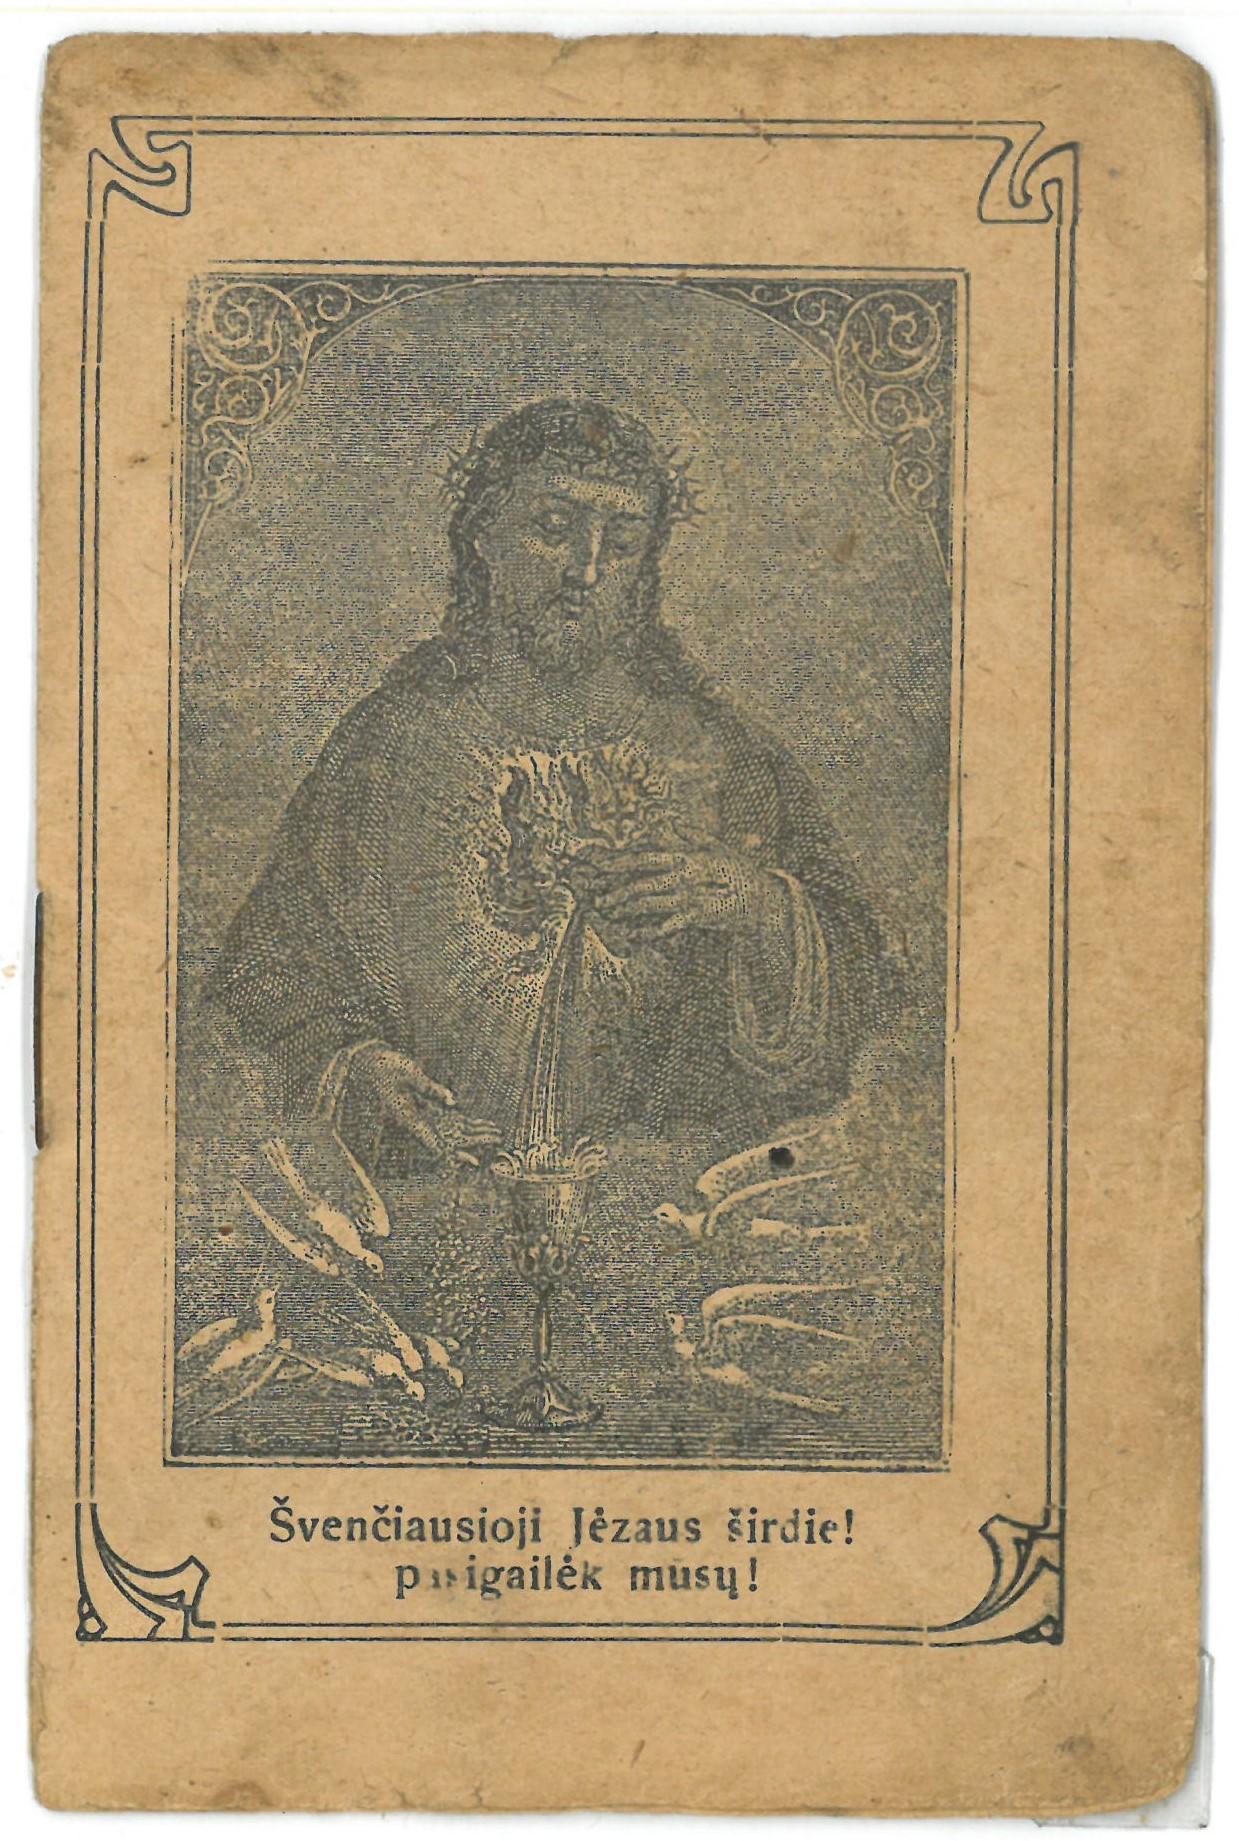 """Religinis paveikslėlis-kortelė. """"Švenčiausioji Jėzaus širdie! Pasigailėk mūsų!"""". Kituose lapuose – """"Suplikacijos"""""""